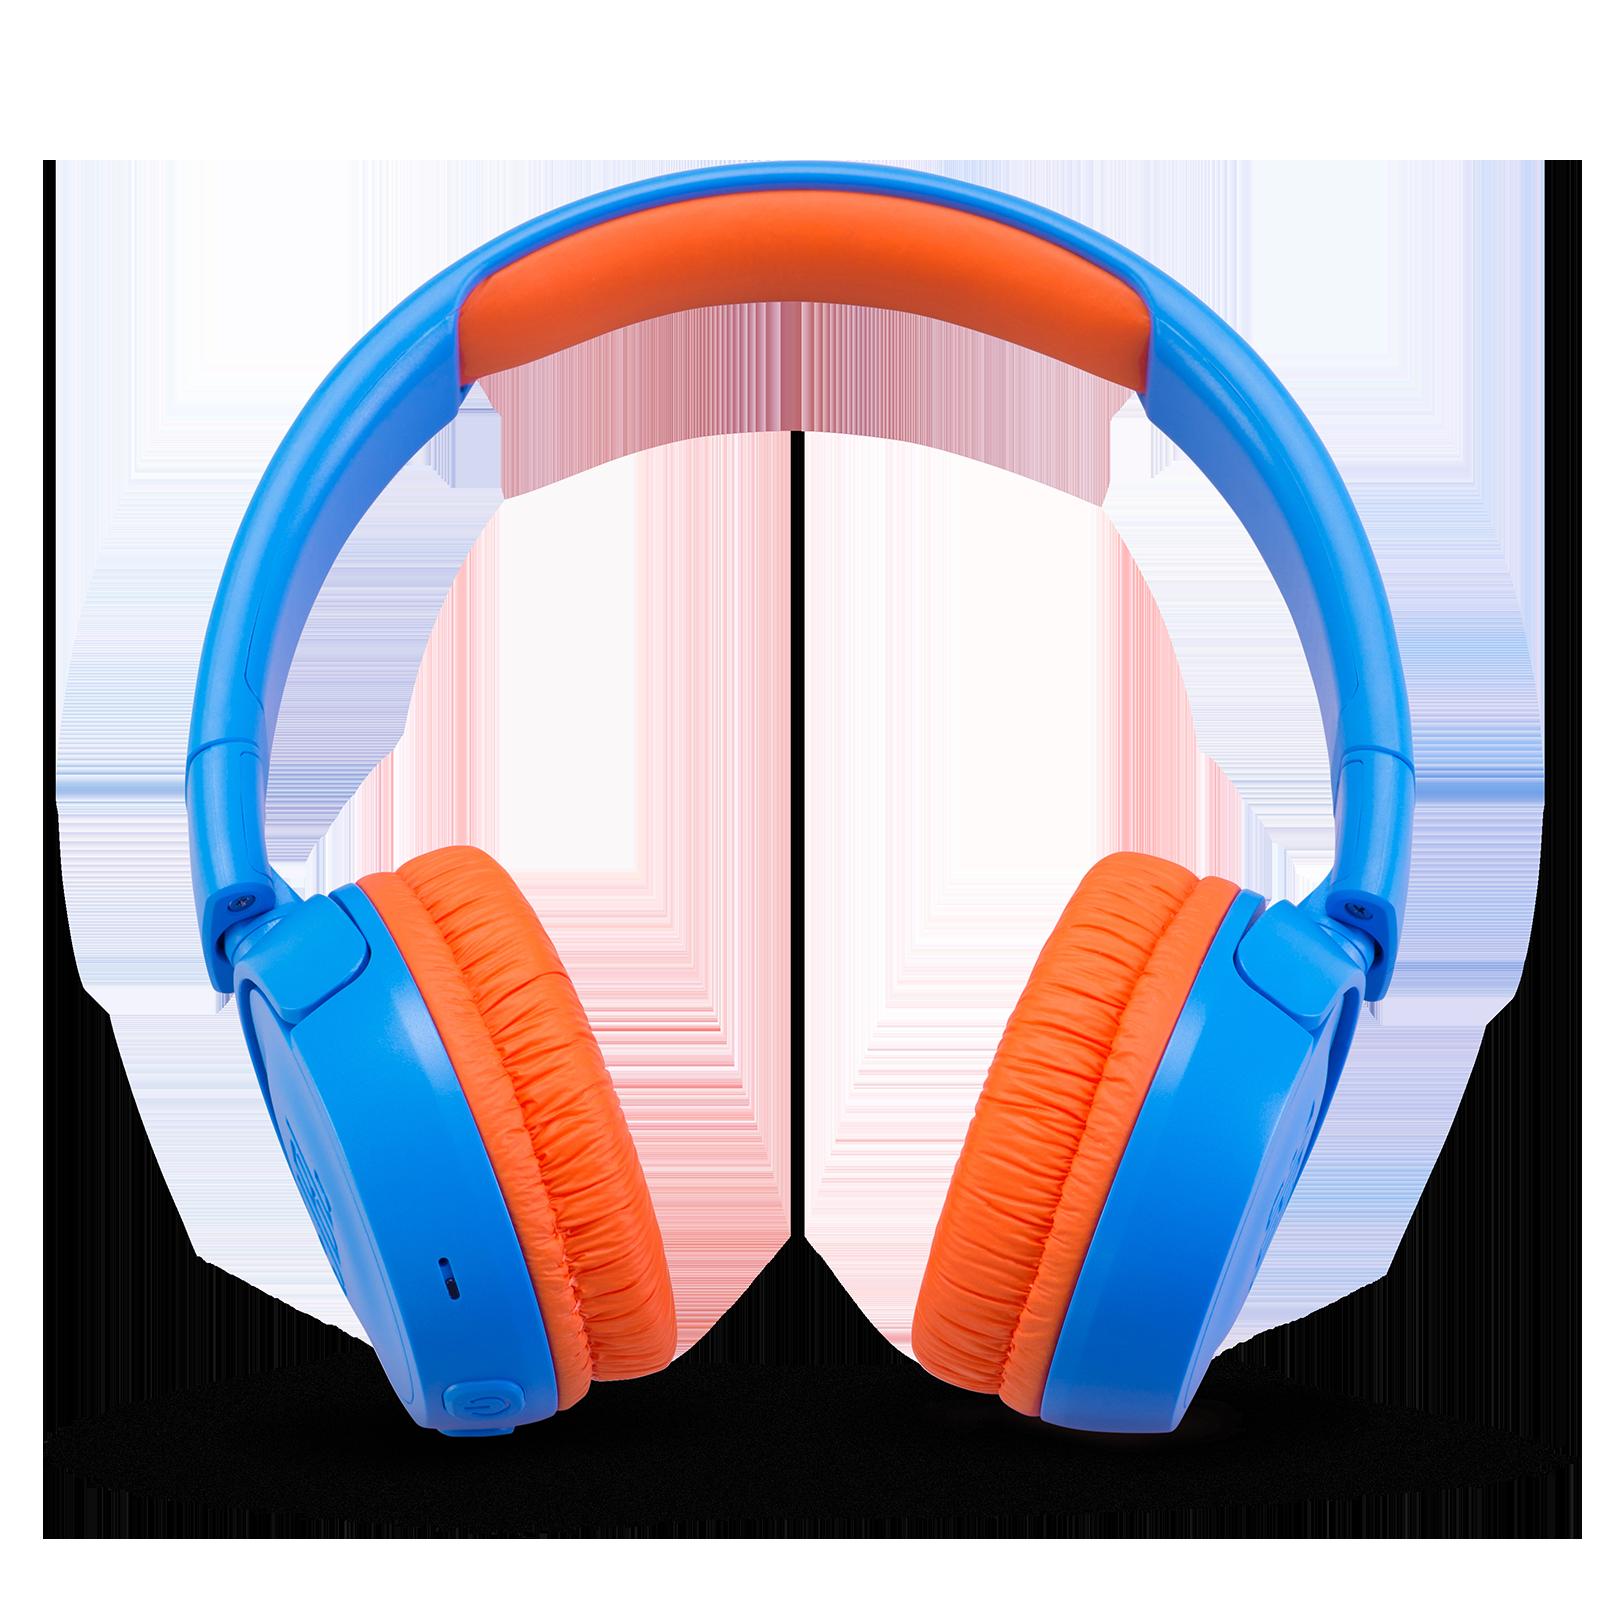 JBL JR300BT - Rocker Blue - Kids Wireless on-ear headphones - Front